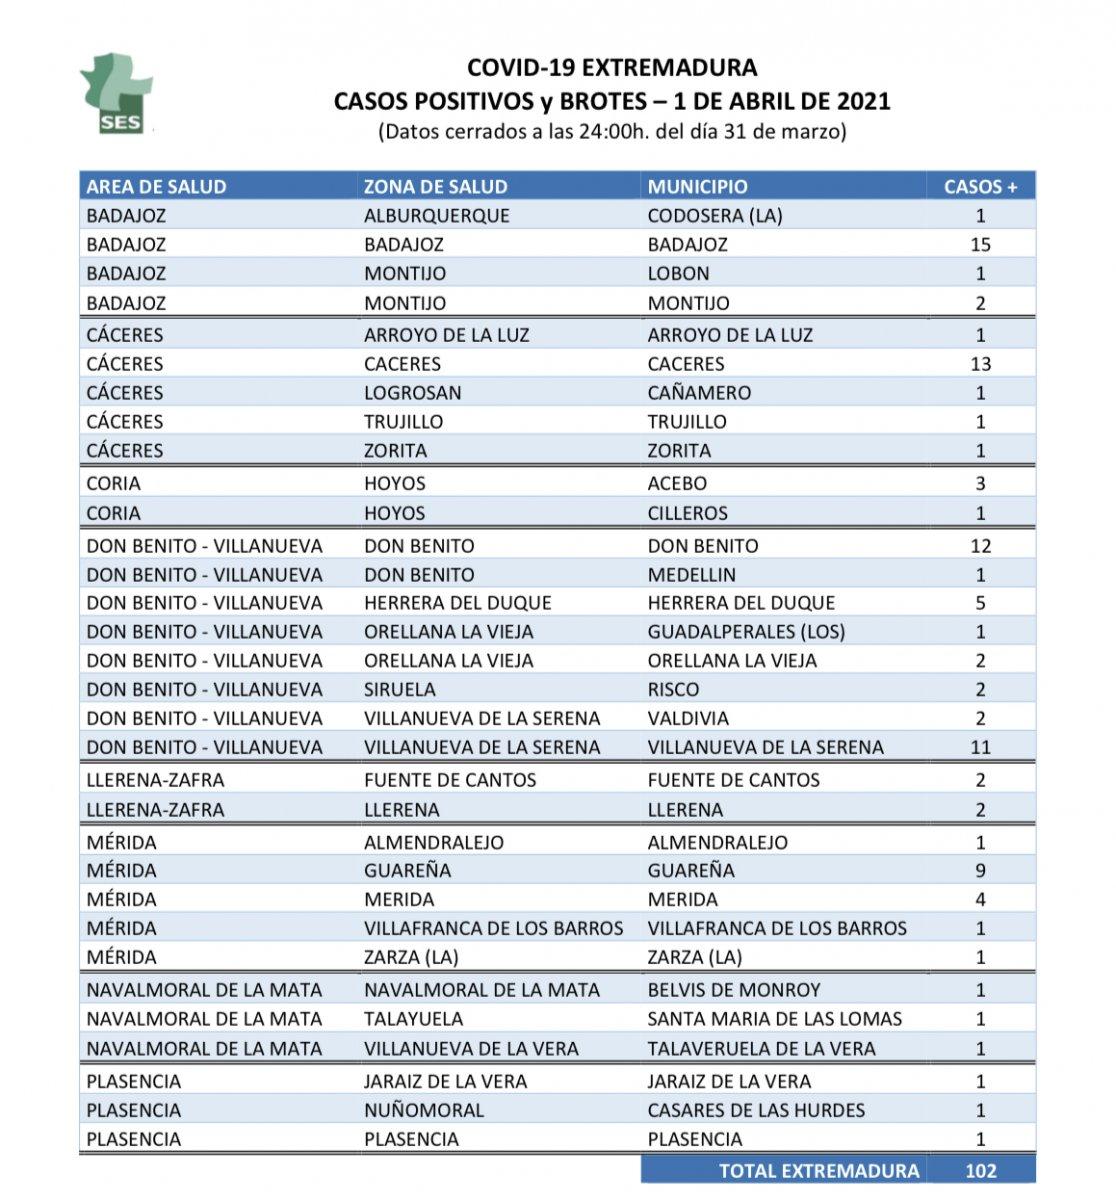 Relación de municipios que notifican nuevos casos de Covid-19 el jueves 1 de abril